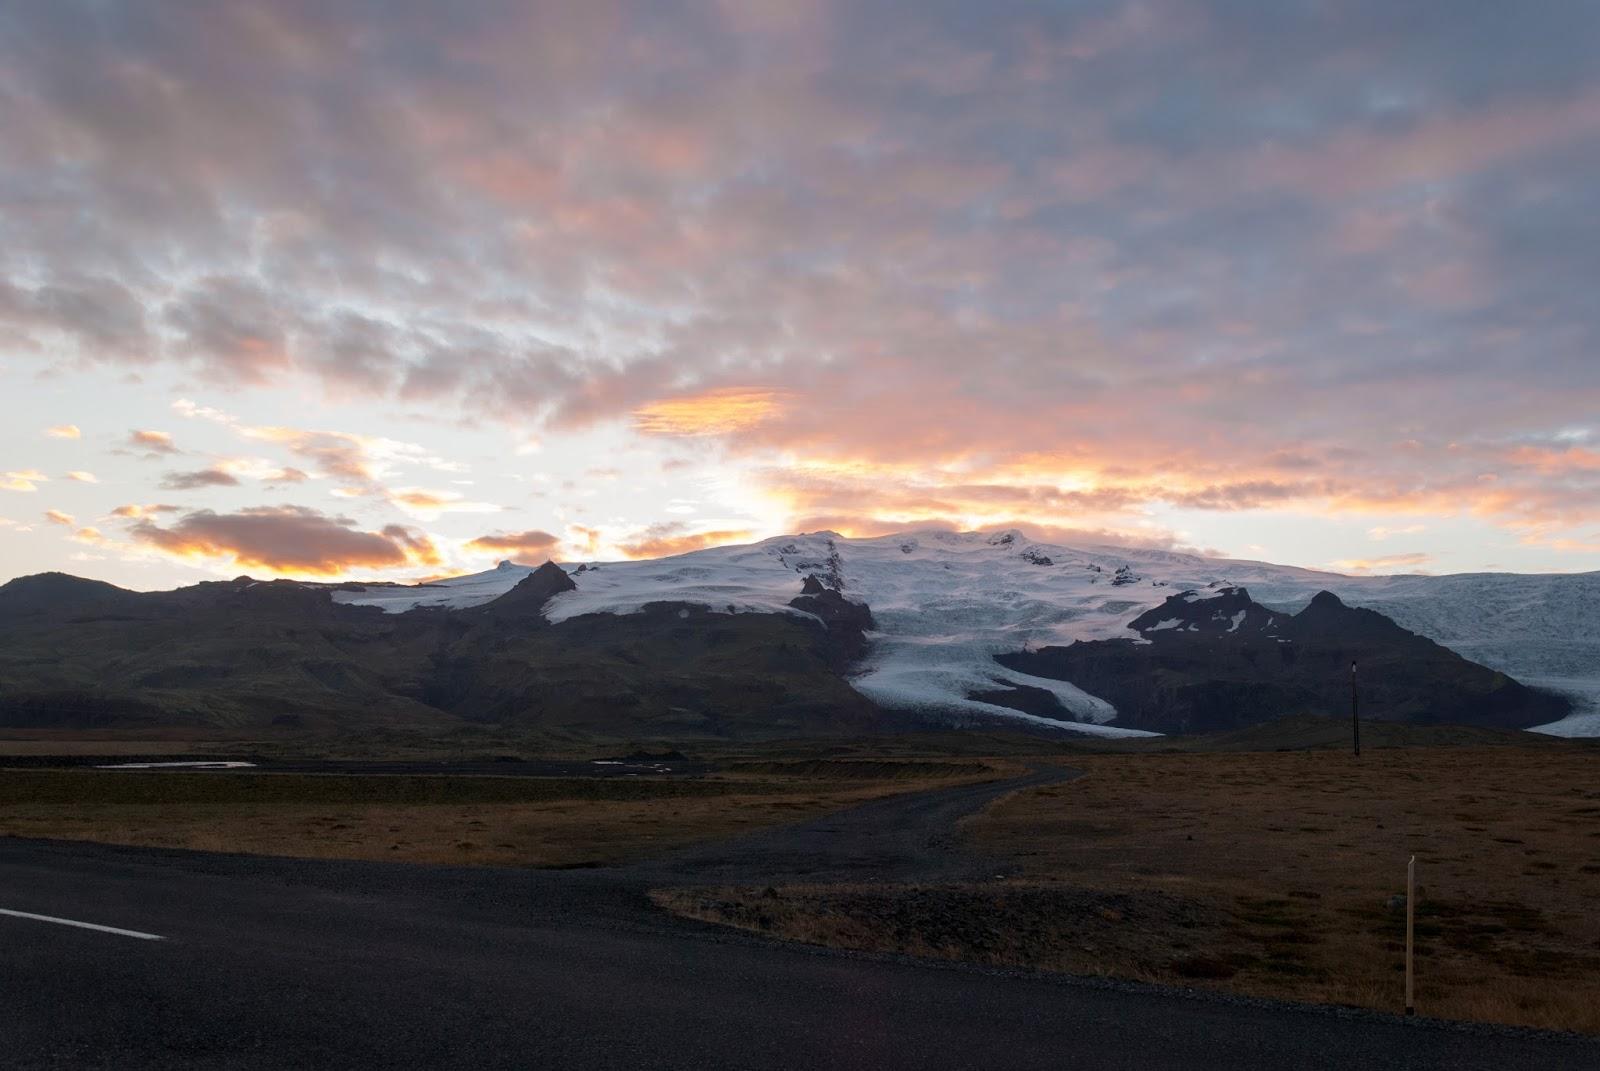 Islandia, lodoweic, zachód słońca